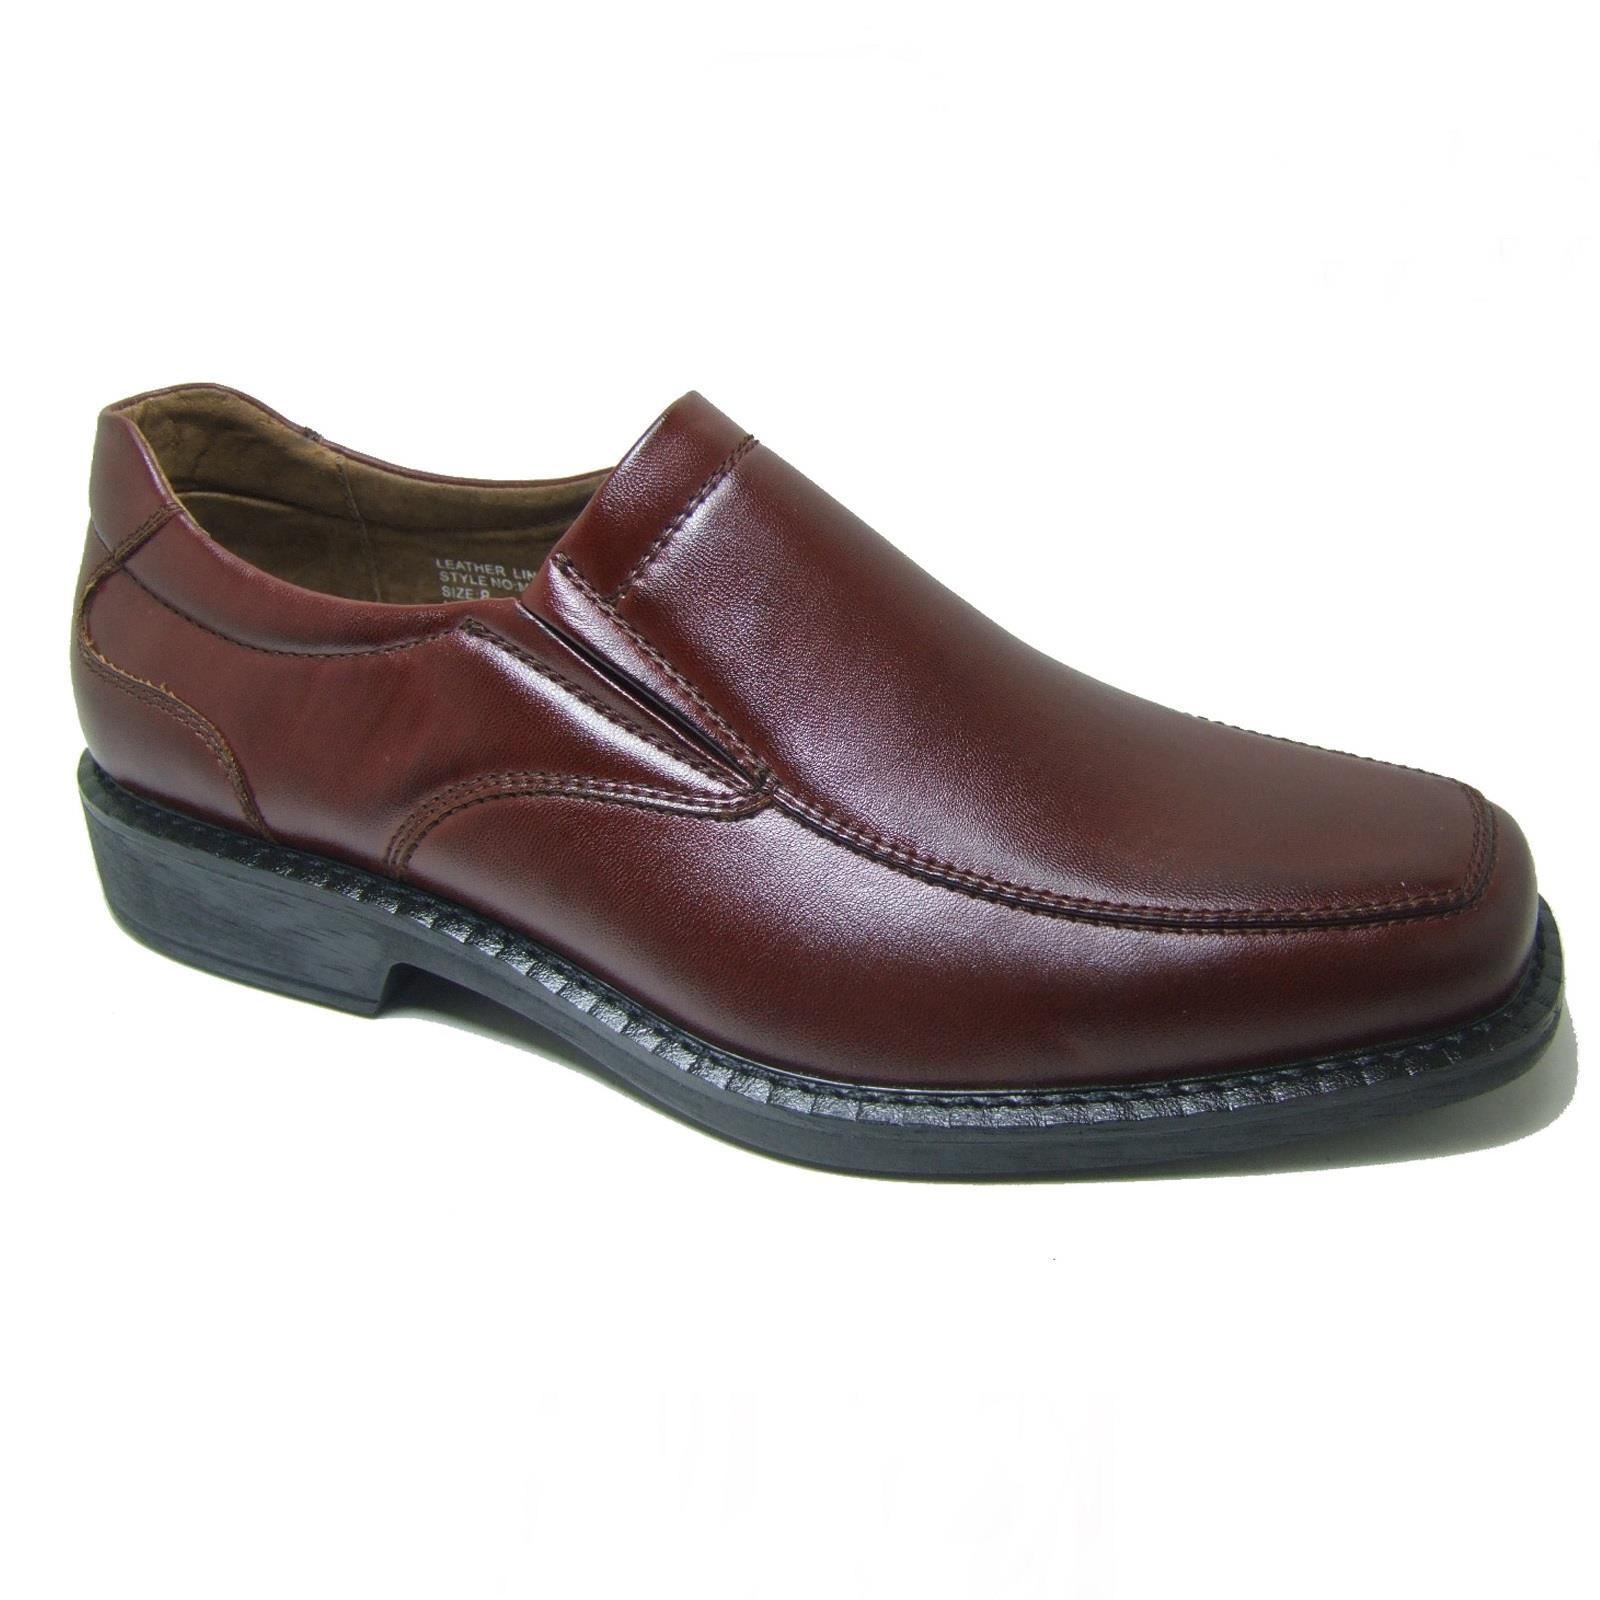 Aldo Men Shoes Crocodile Boots